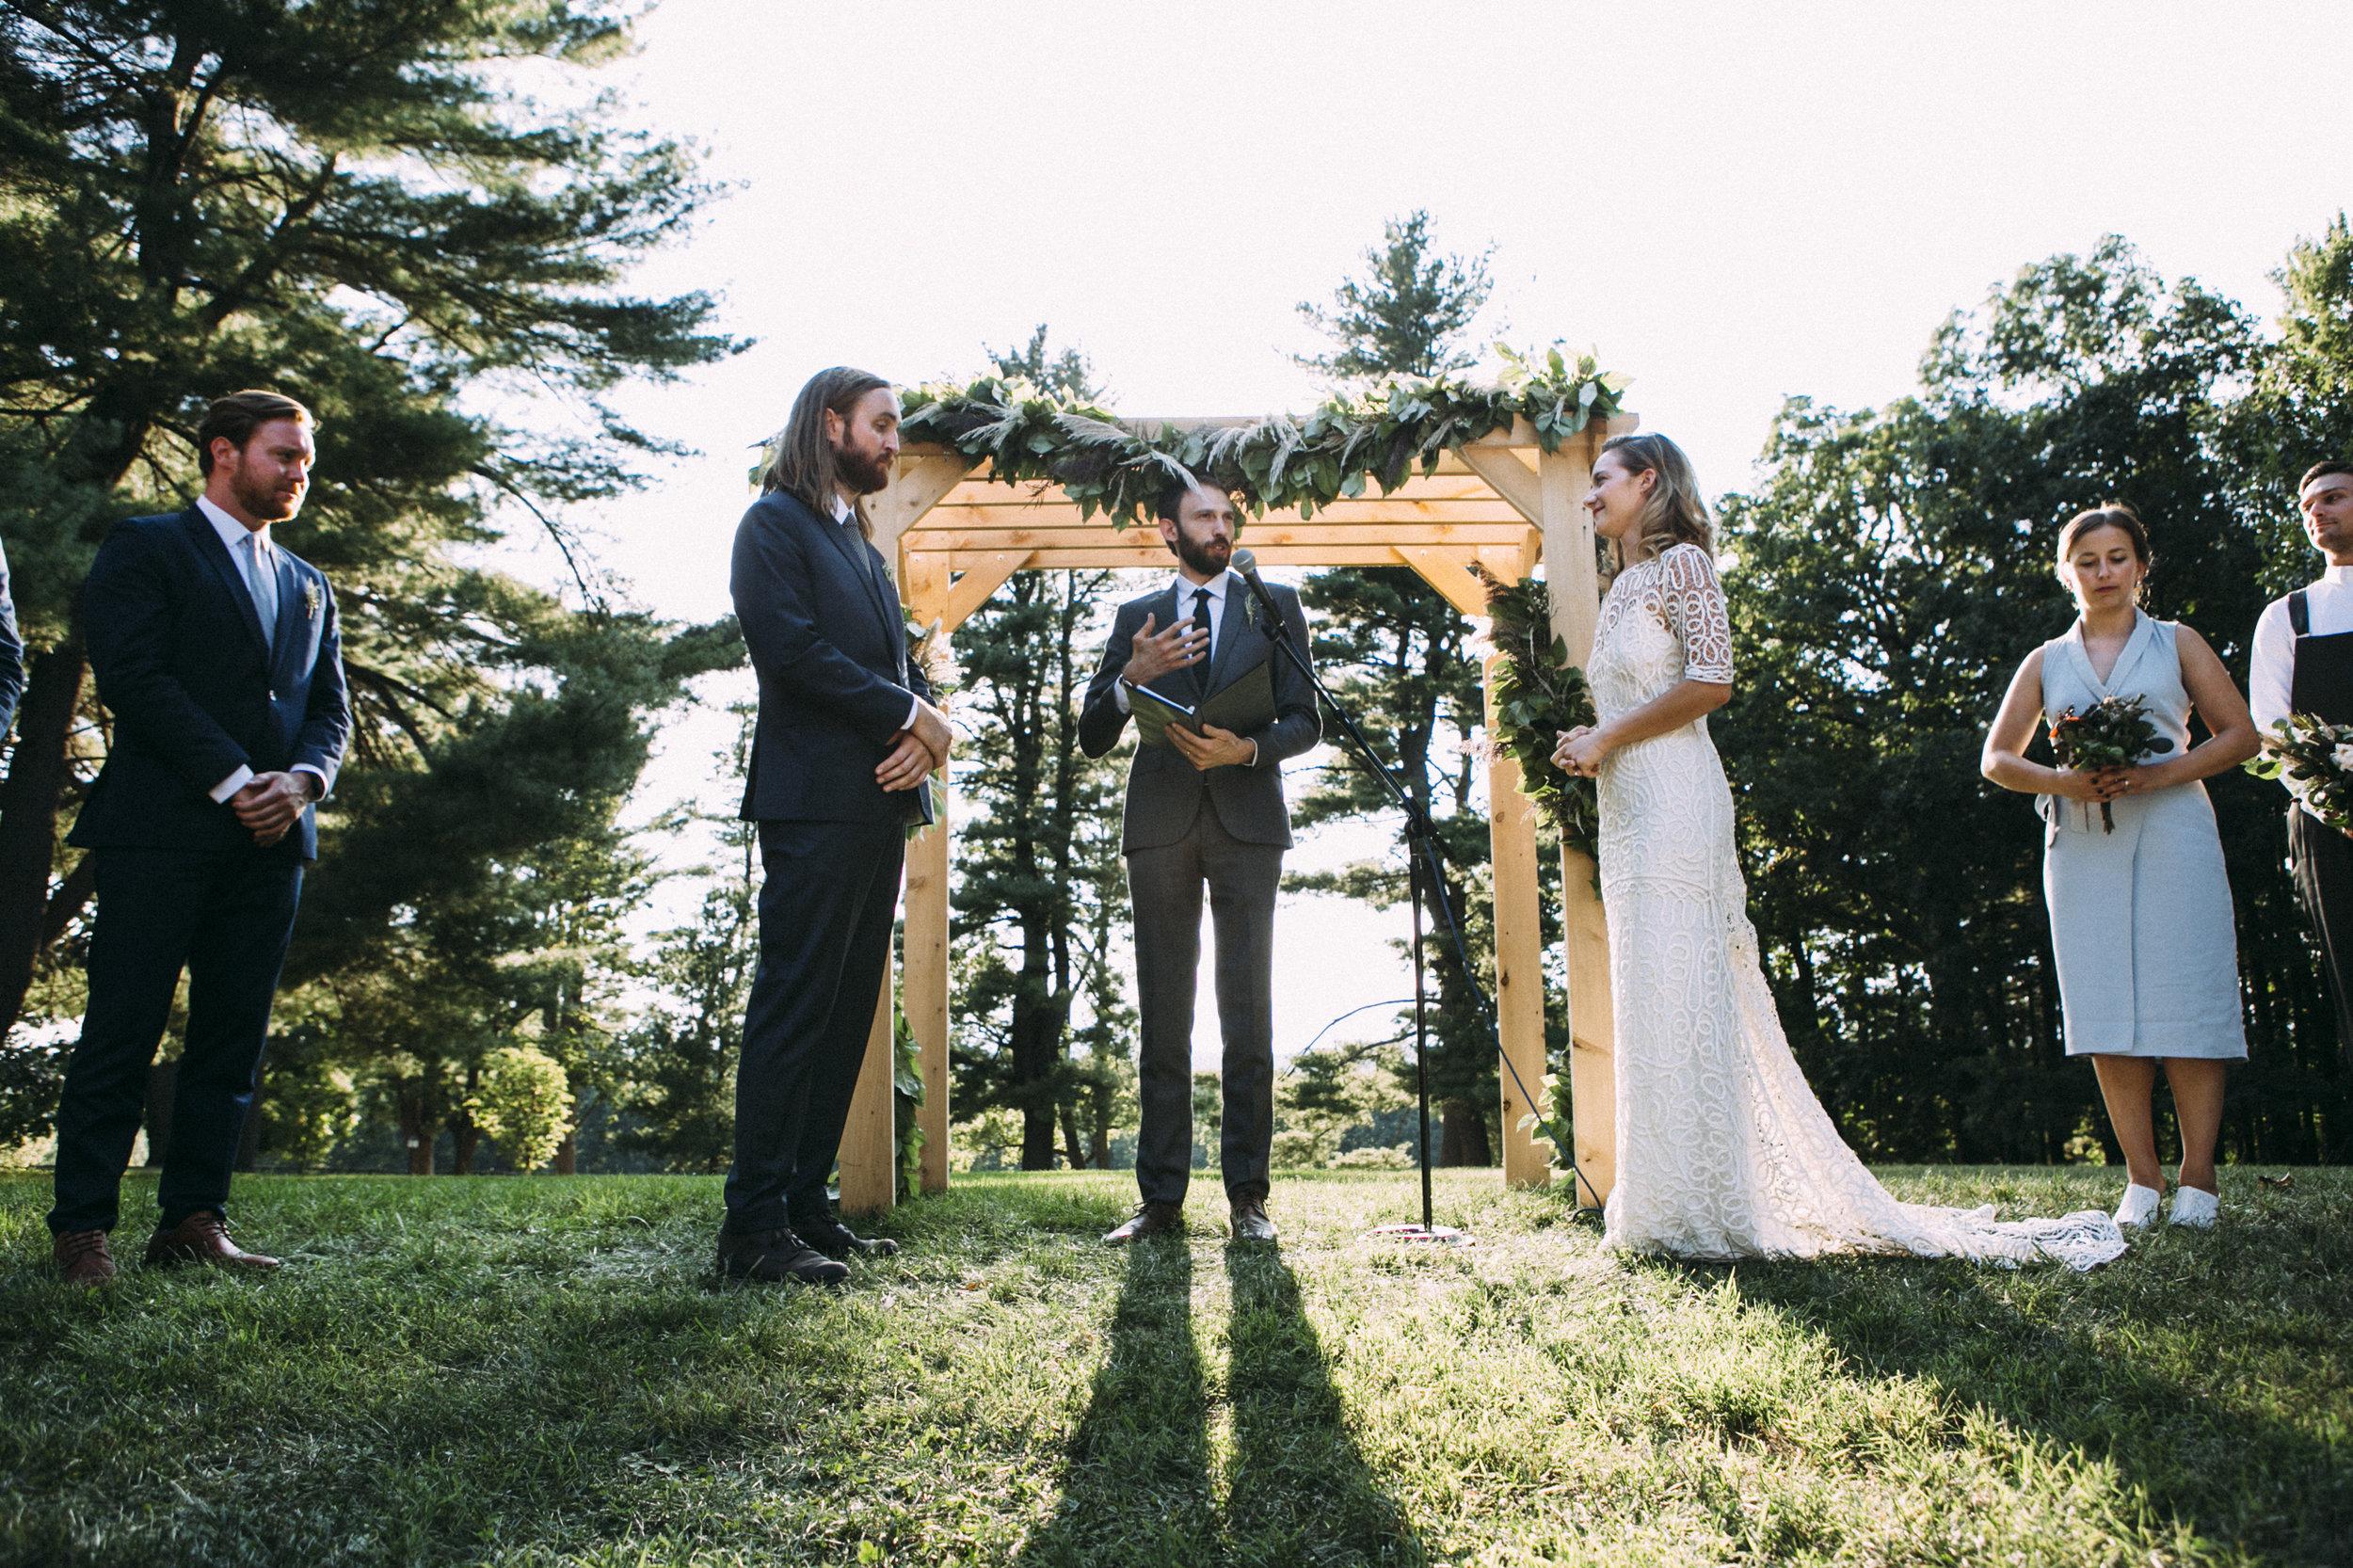 Em_and_Ax_00_wedding-547.jpg